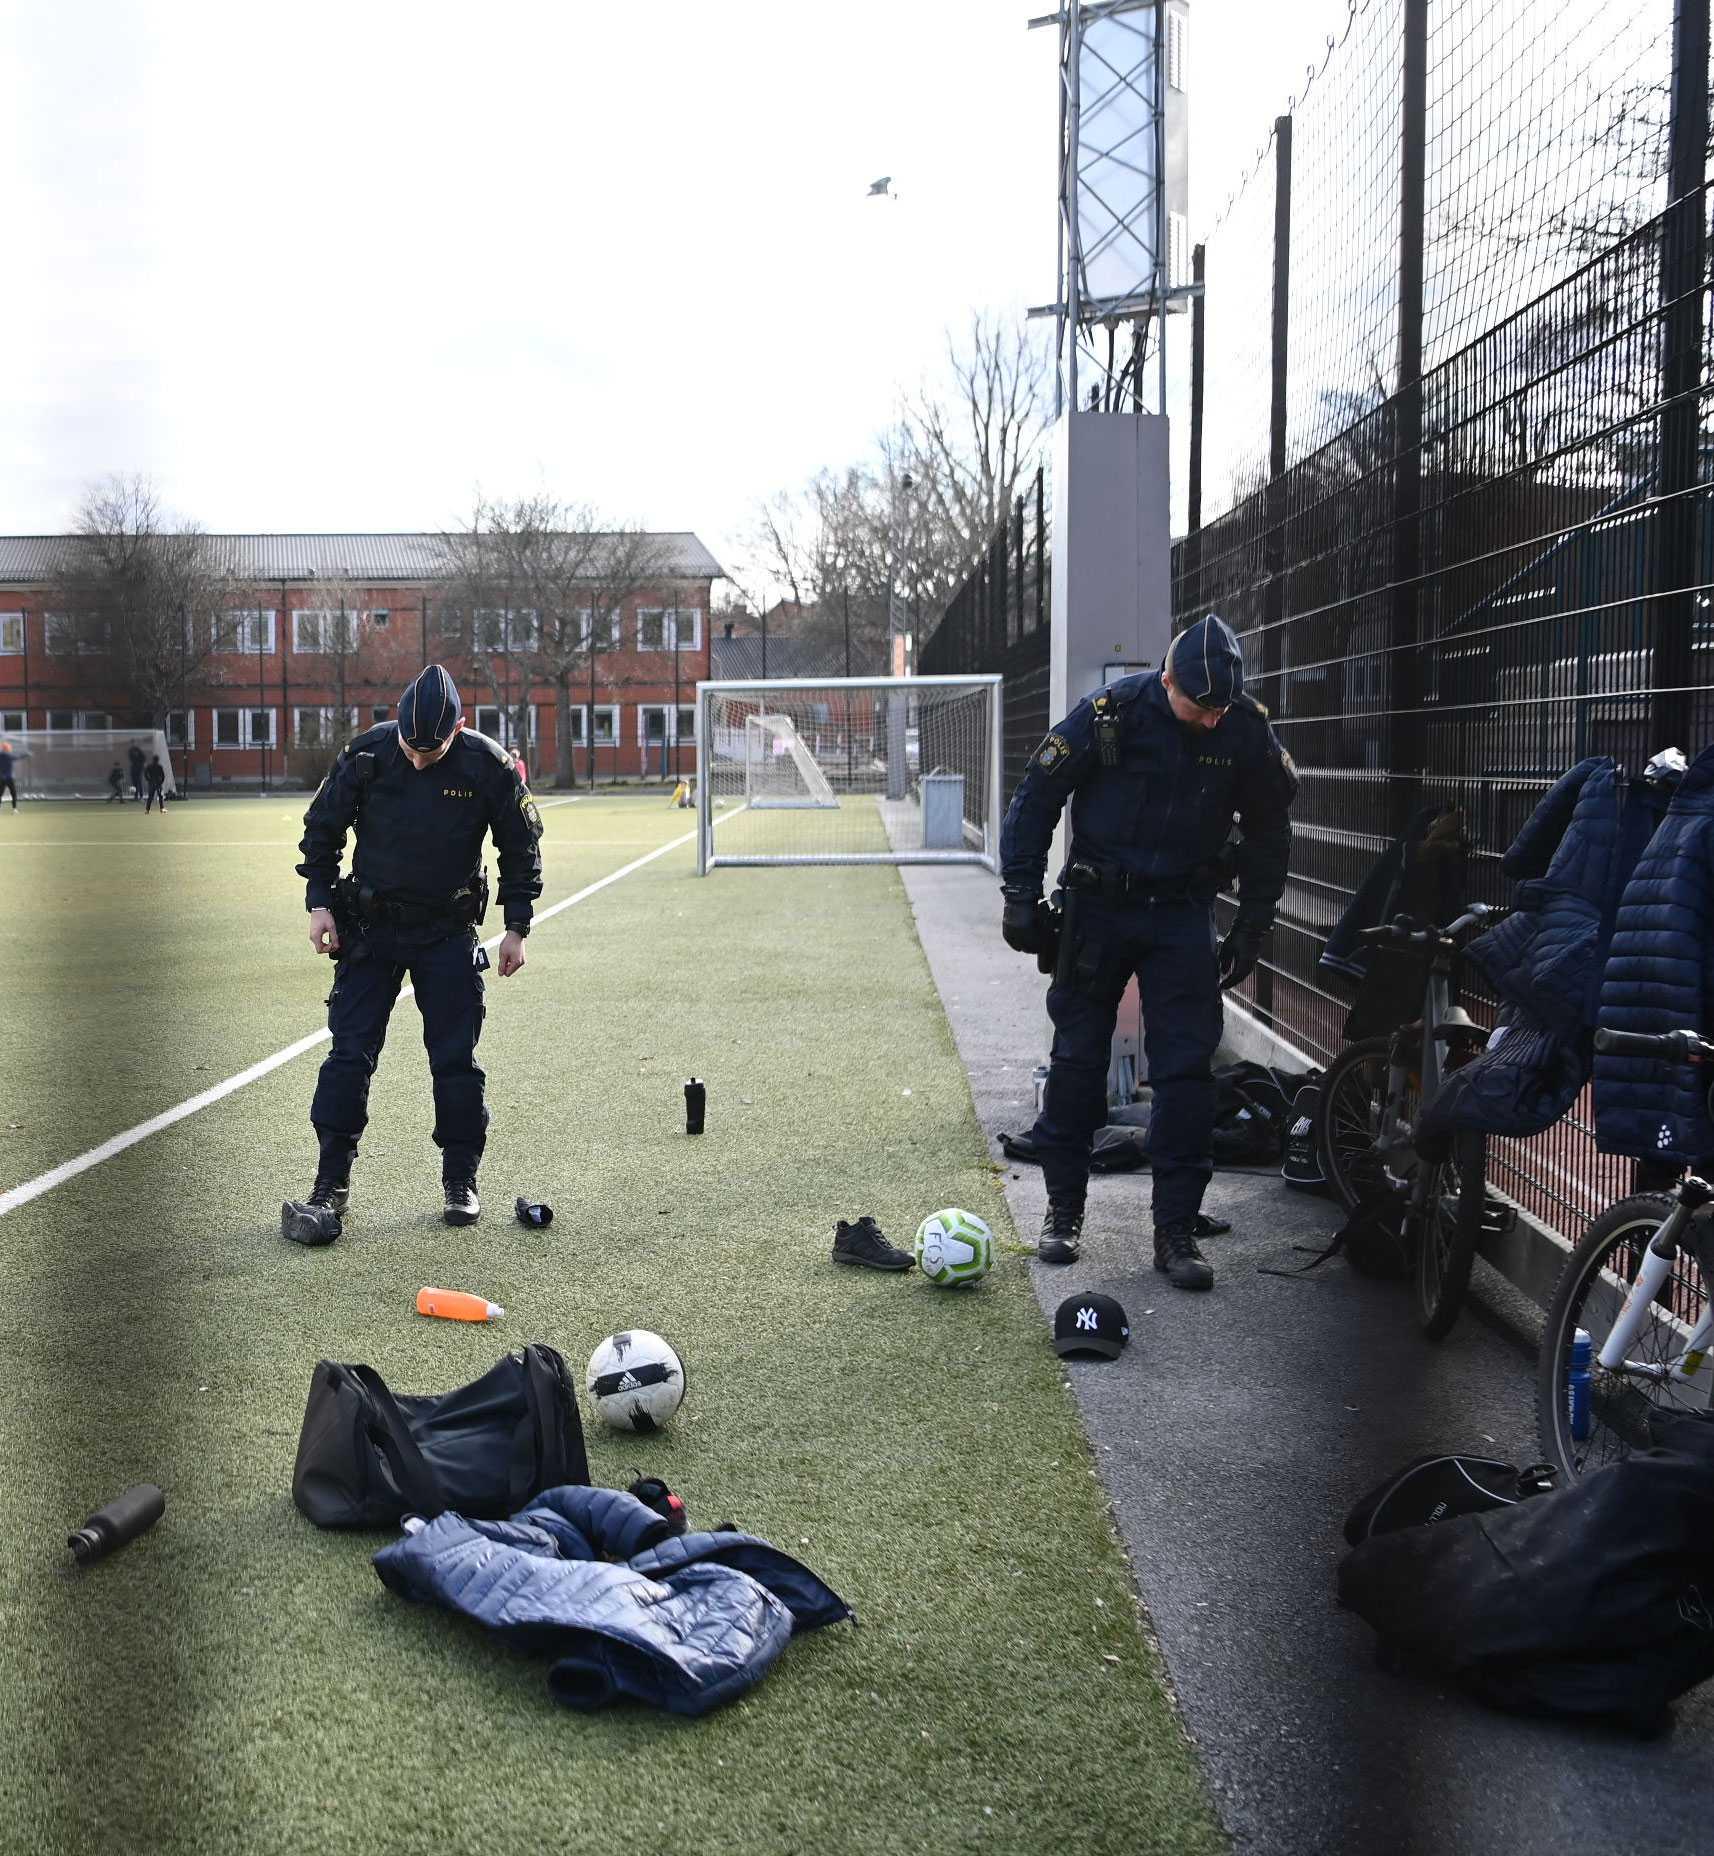 Polisen söker vid en fotbollsplan i området.